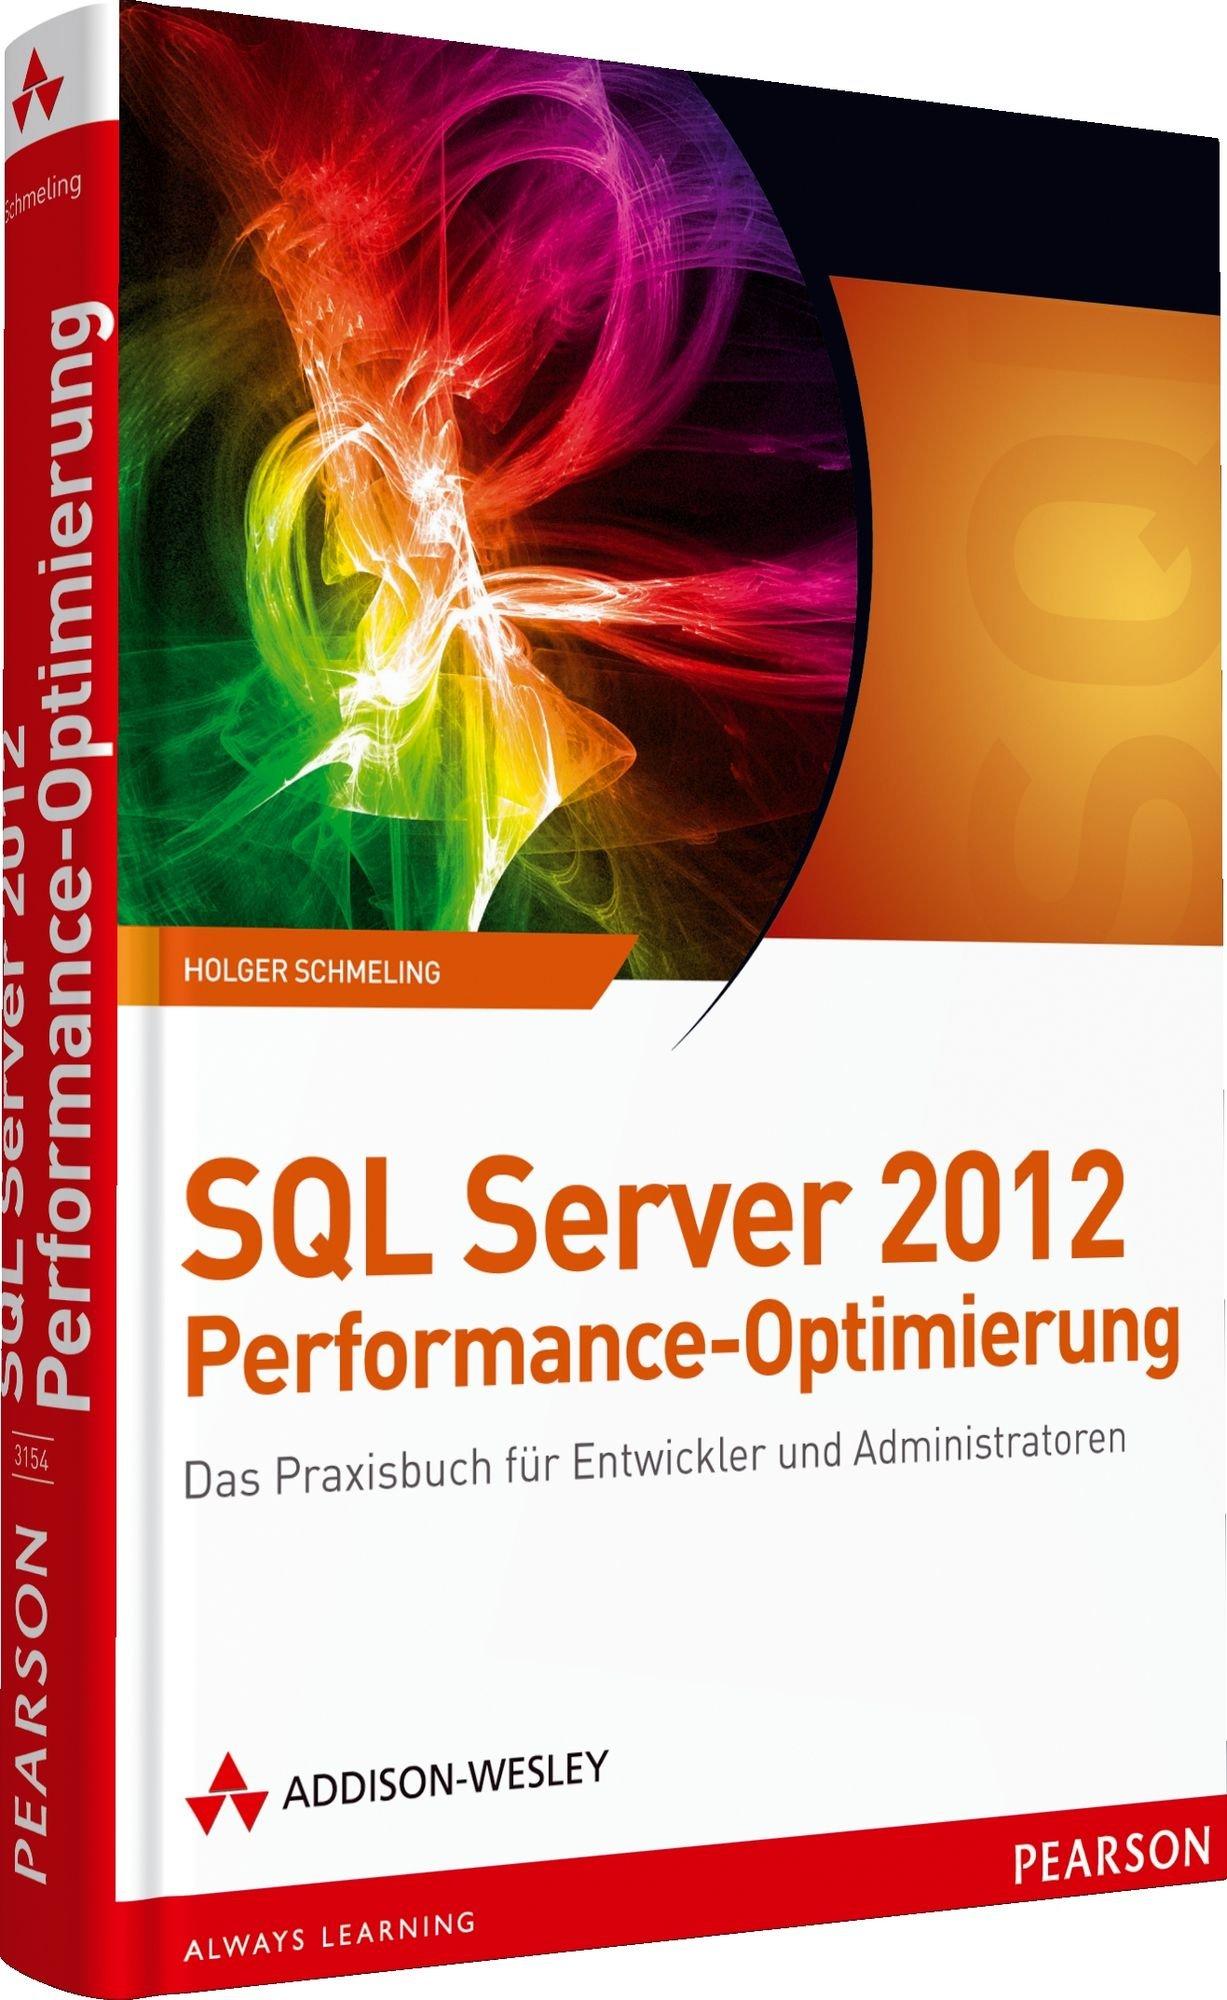 SQL Server 2012 Performance-Optimierung: Das Praxisbuch für Entwickler und Administratoren (net.com) Gebundenes Buch – 1. Mai 2012 Holger Schmeling Addison-Wesley Verlag 3827331544 21569540